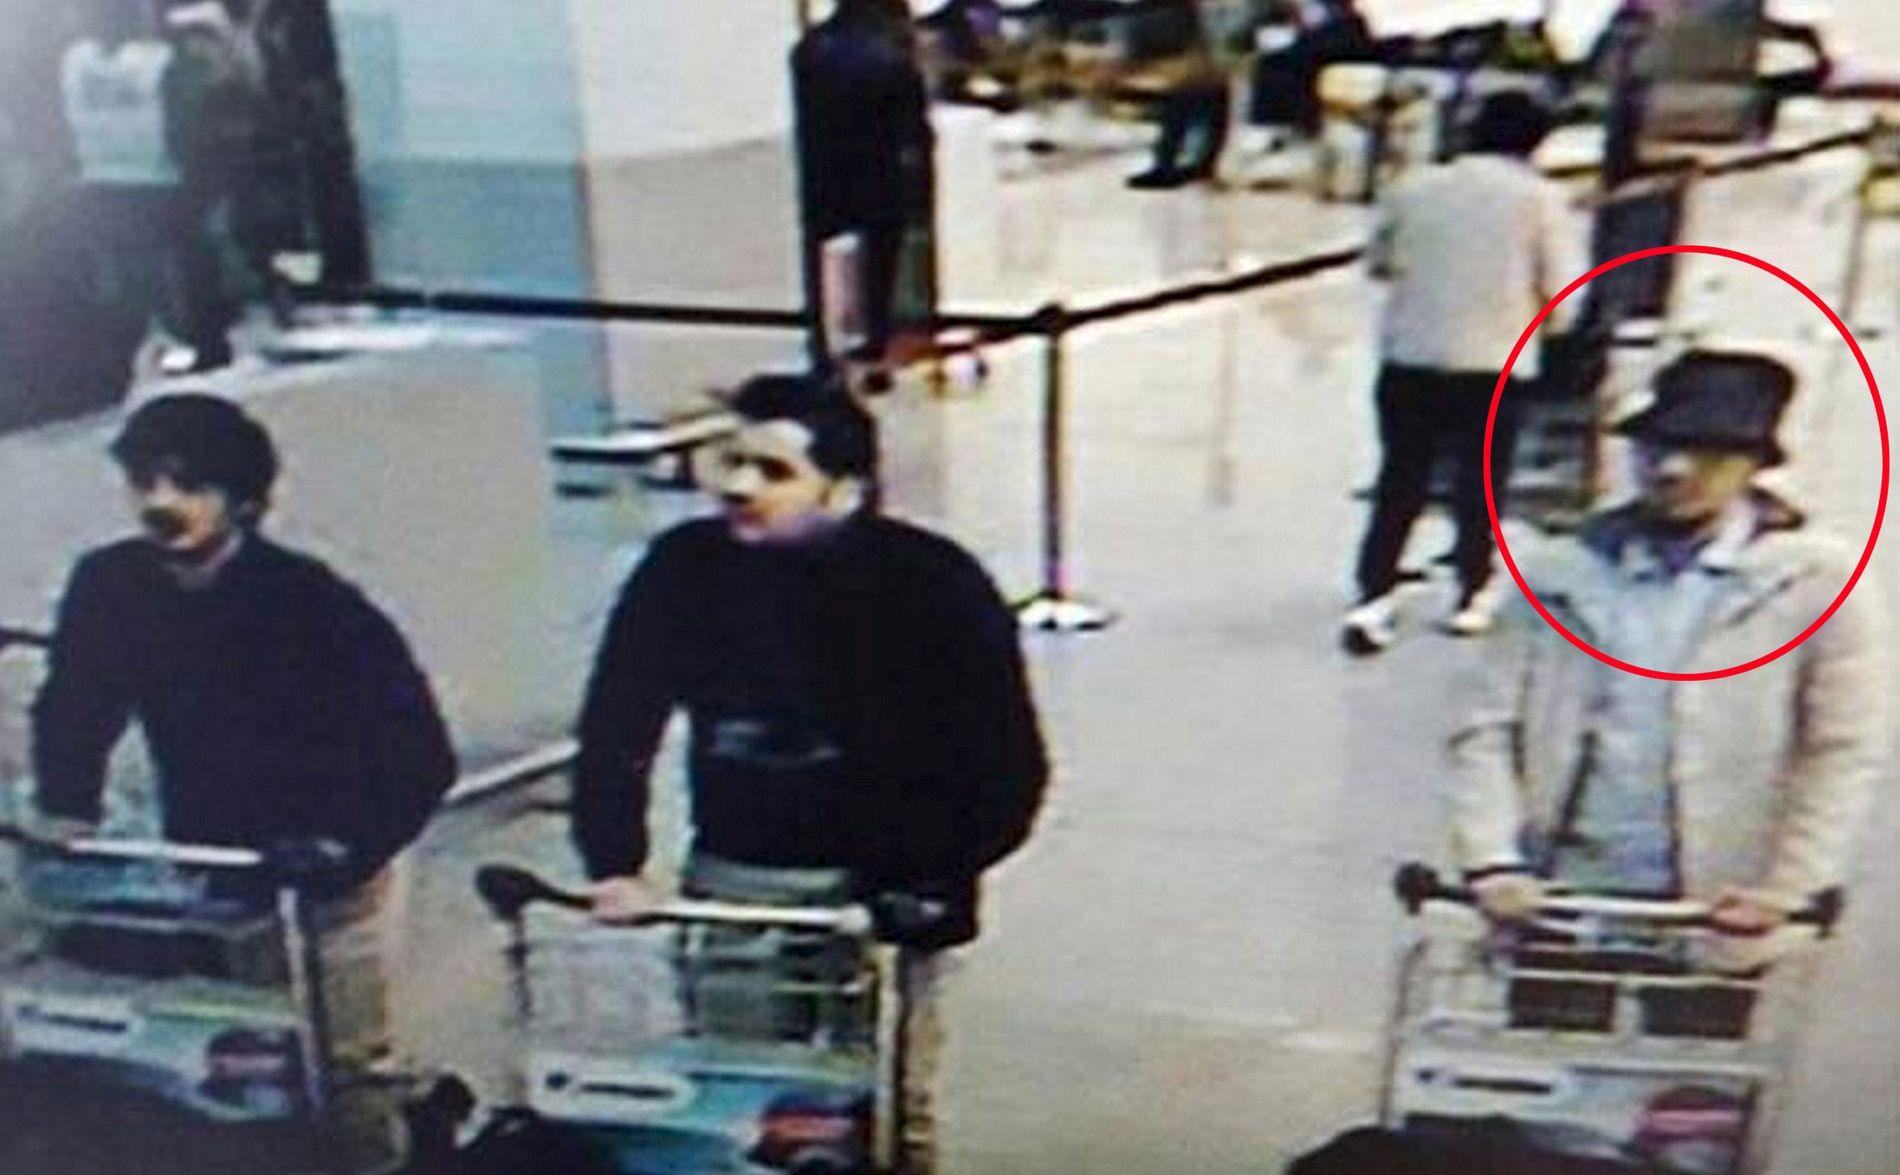 MISTENKT: Mens de to andre selsvmordsbomberne skal være døde, har «mannen med hatt» ikke ha vært indentifisert tidligere.